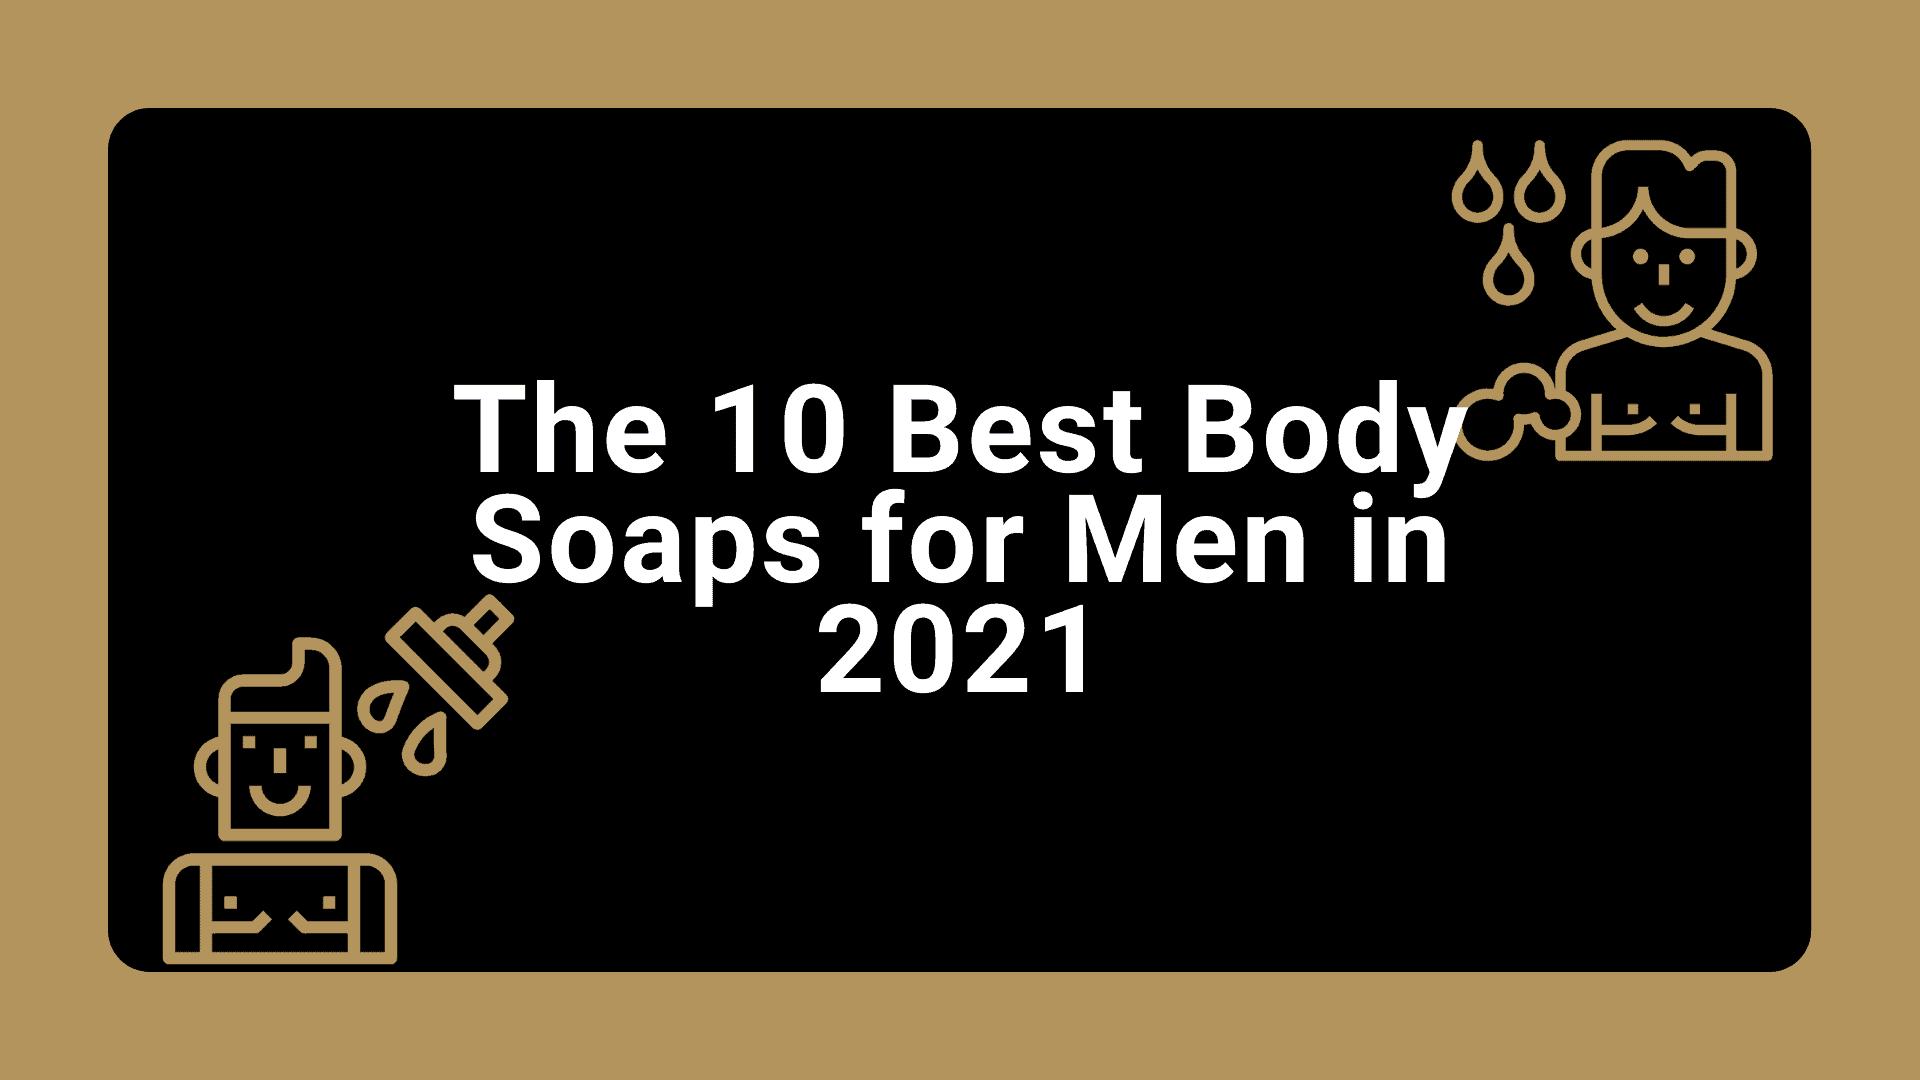 Dudefluencer: Best Body Soaps for Men